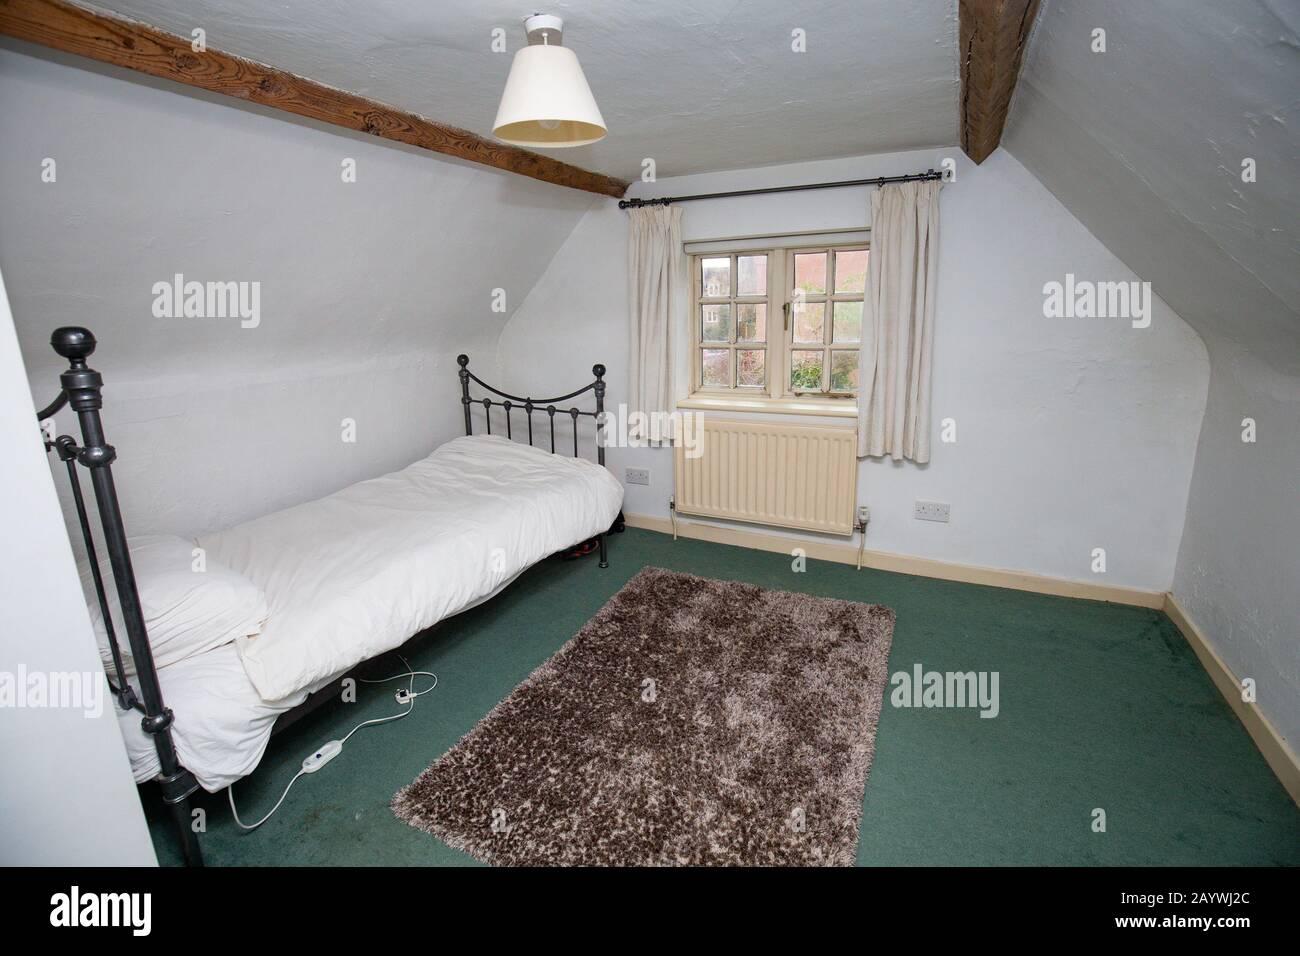 Vier Schlafzimmer Stockfotos Und Bilder Kaufen Alamy